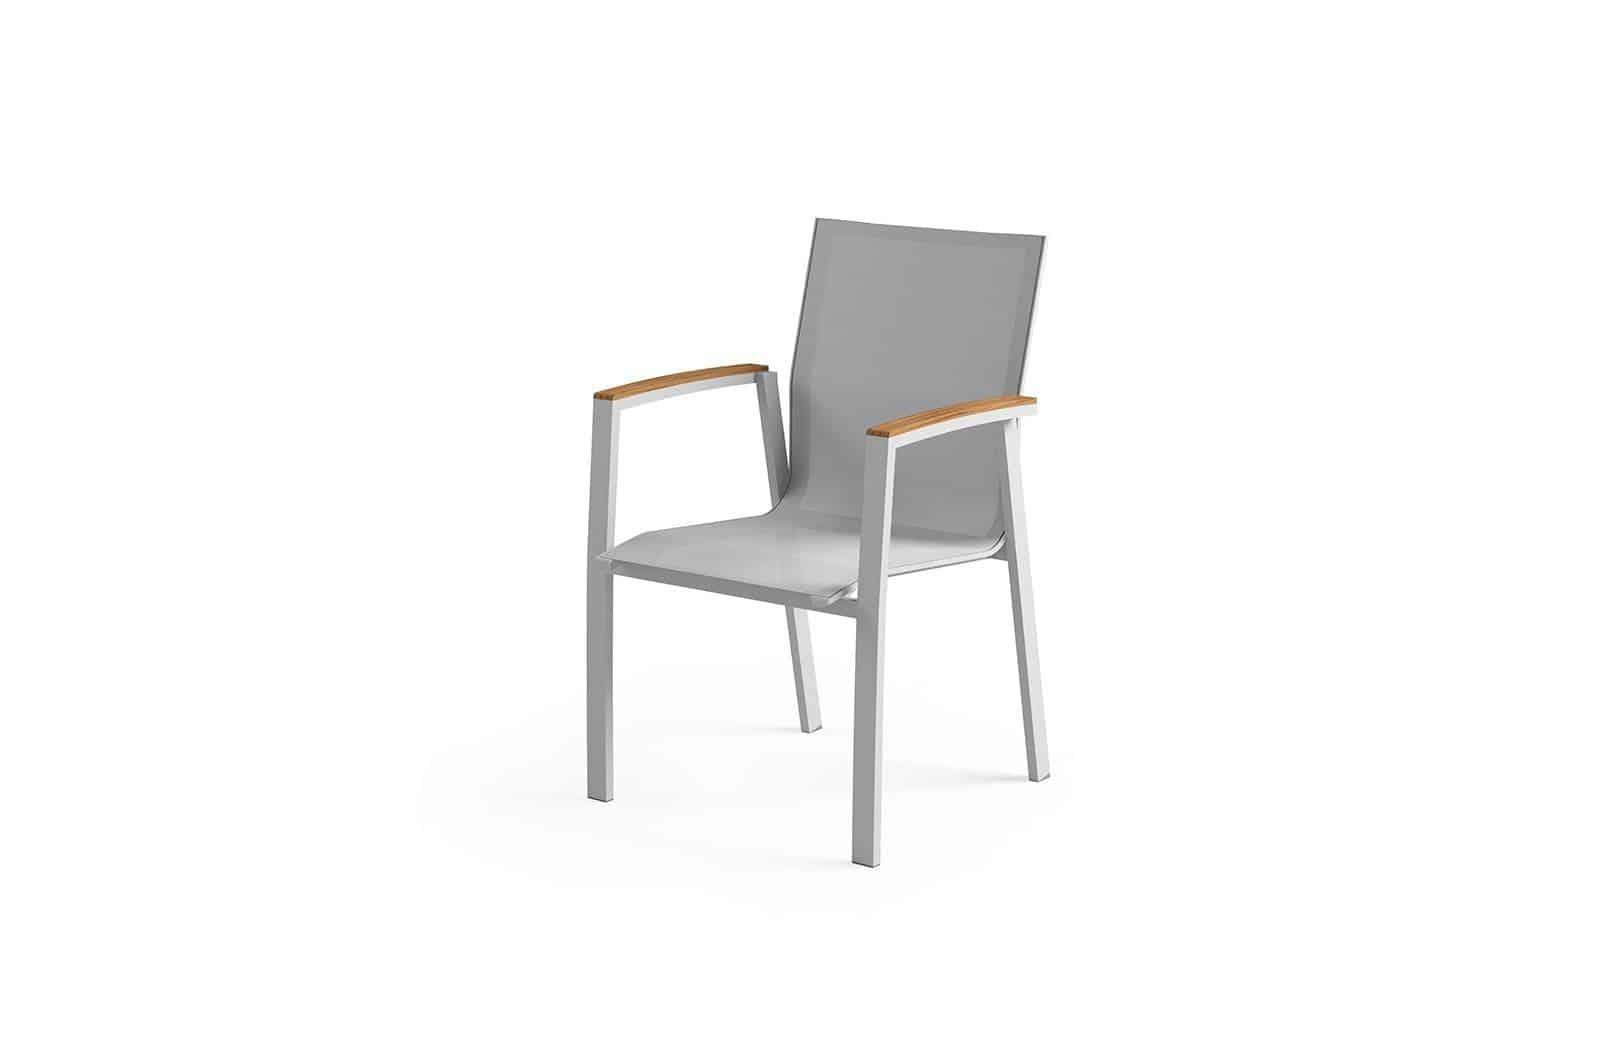 Krzesło ogrodowe LEON teak light grey